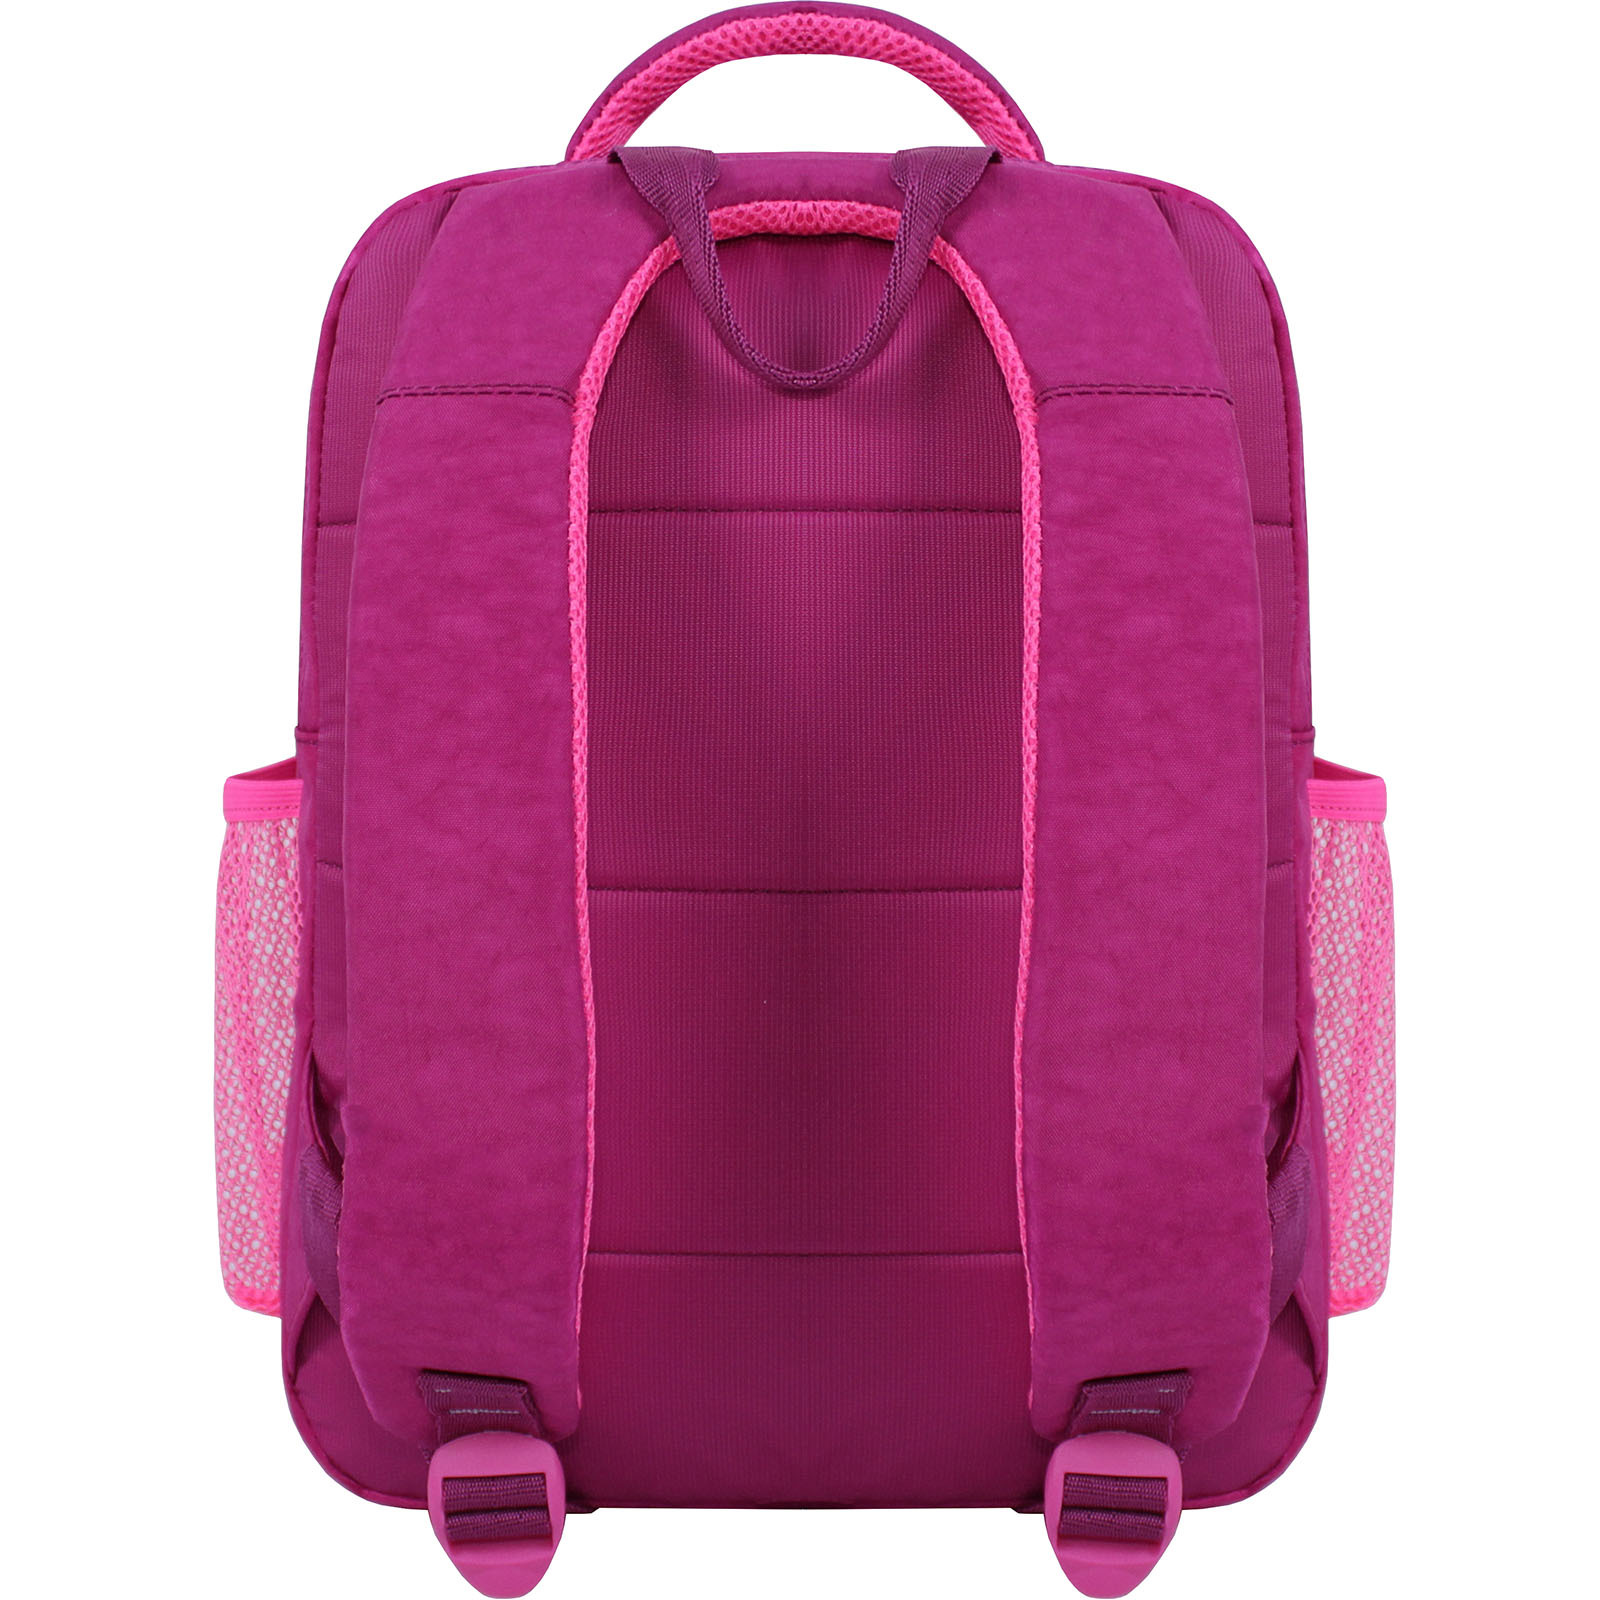 Рюкзак школьный Bagland Школьник 8 л. 143 малина 593 (00112702) фото 3